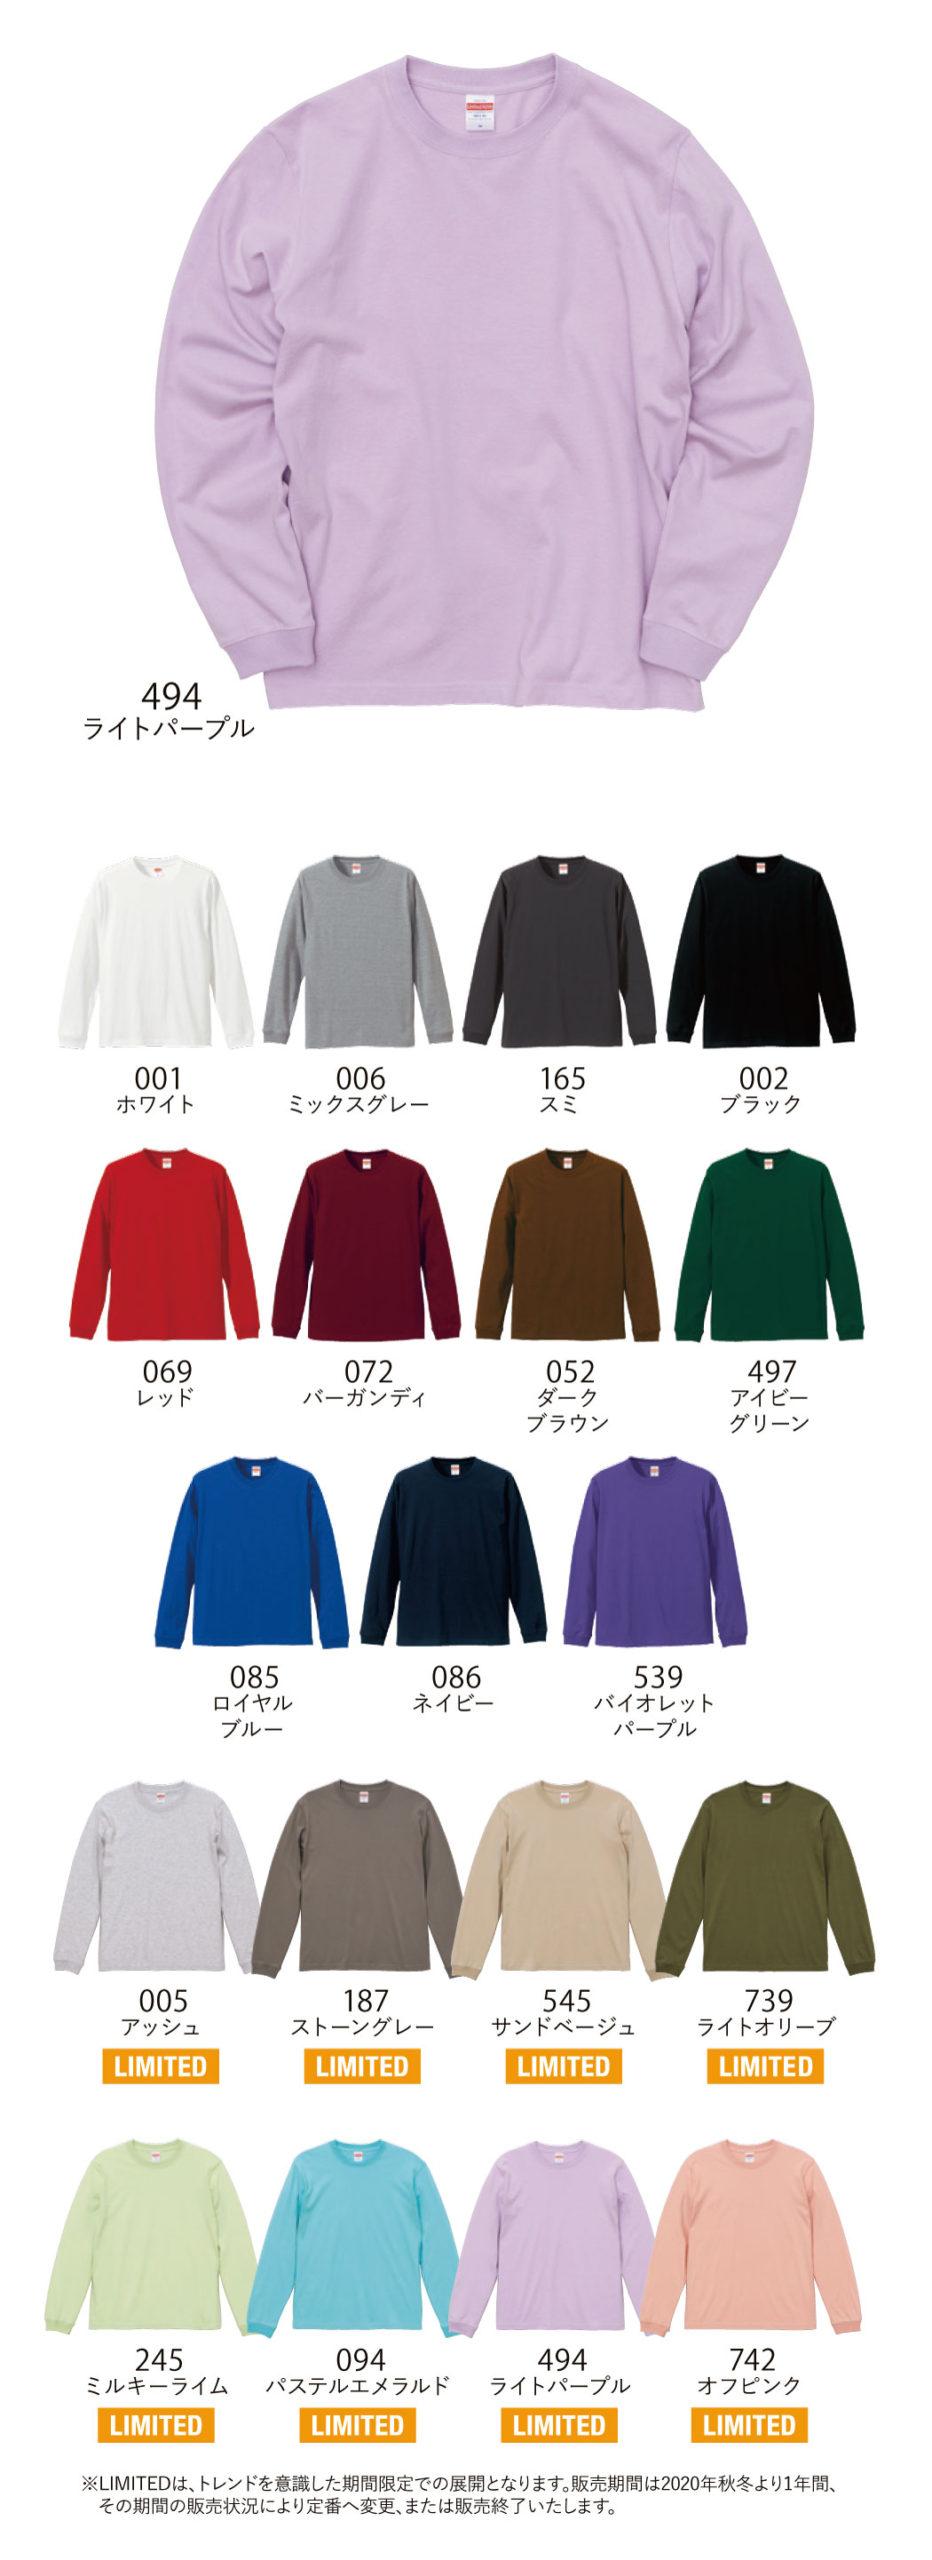 5011-01ロングスリーブTシャツ(リブ付)のカラー見本